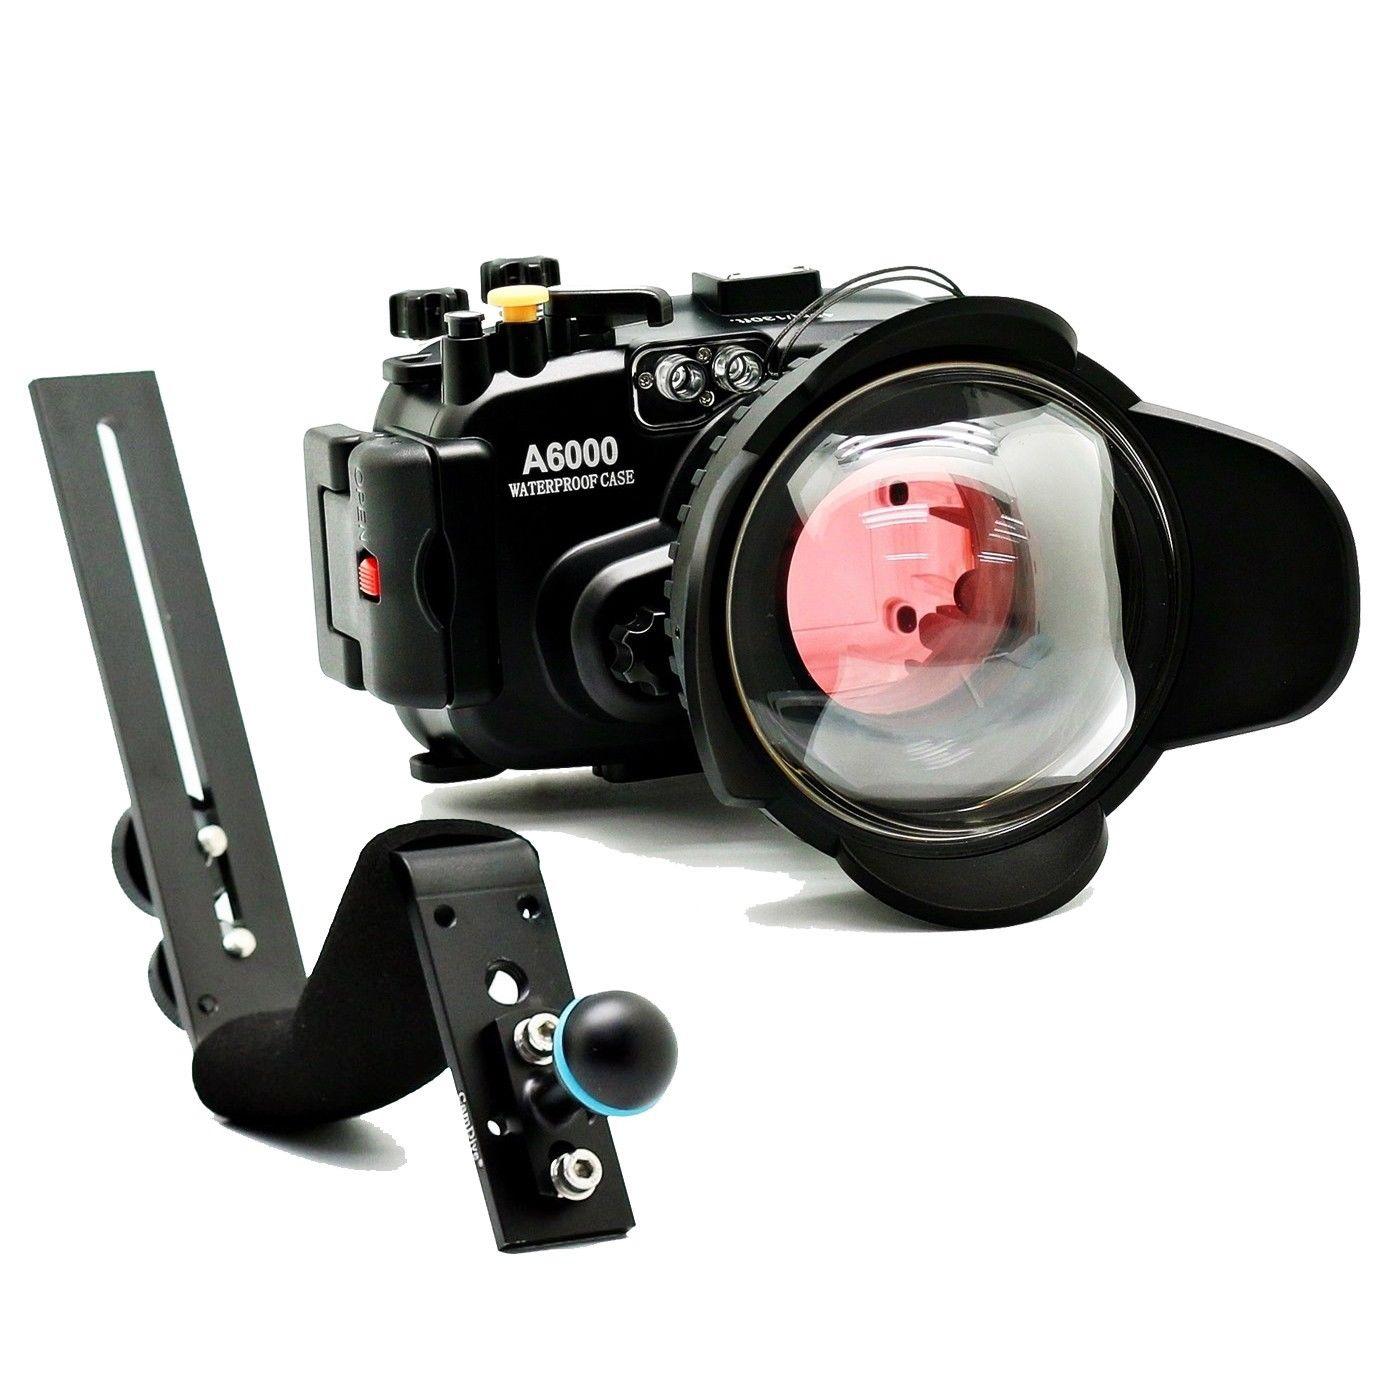 Meikon 40 M 130ft Untuk Sony A6000 16 50 Kamera Bawah Air 6000 With Lensa Mm F 35 56 Limited Perumahan Wide Angle Dome Port 67mm Diving Filter Merah Di Camera Video Bags Dari